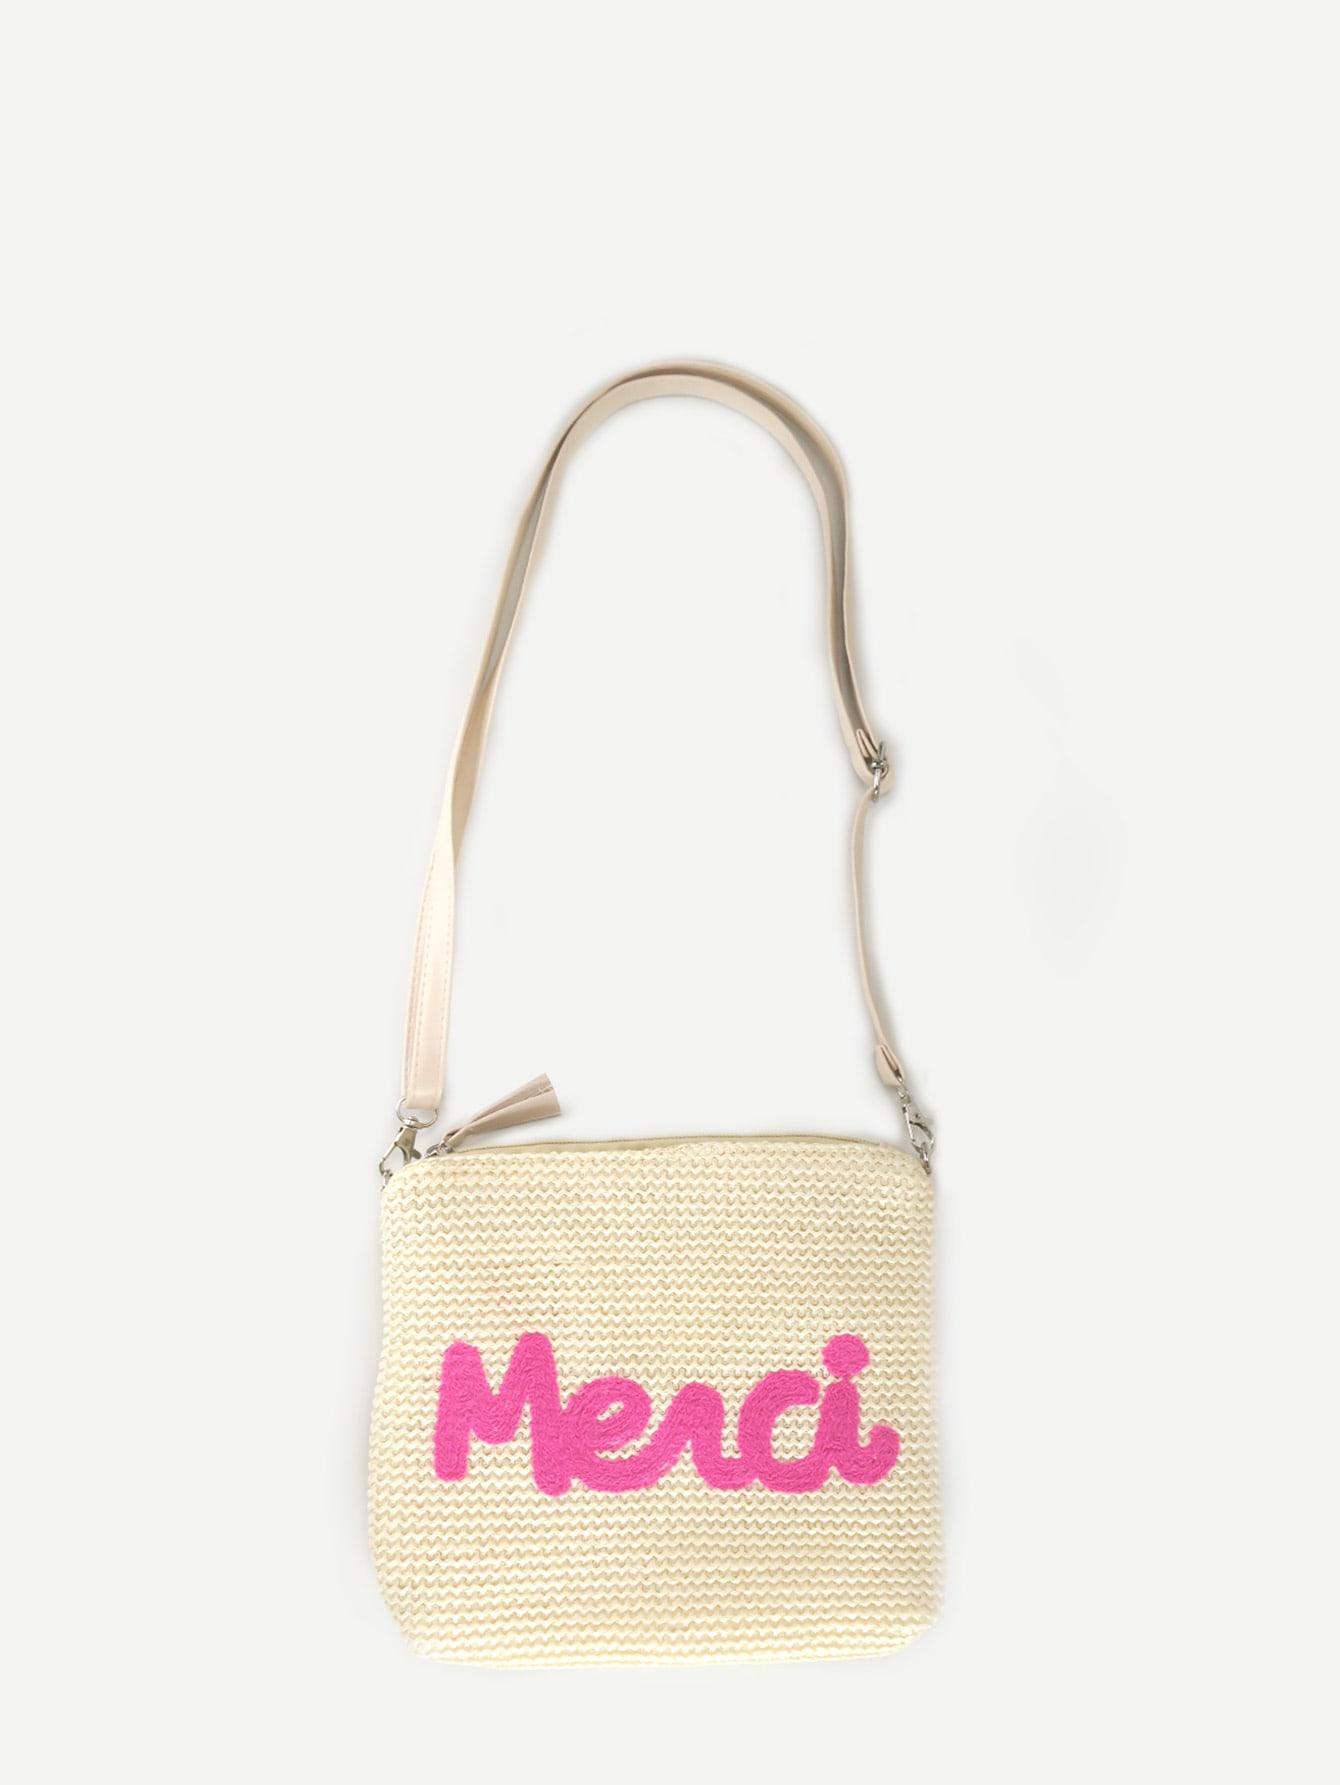 Купить Соломенная сумка с украшением заплаты буквы для девочки, null, SheIn